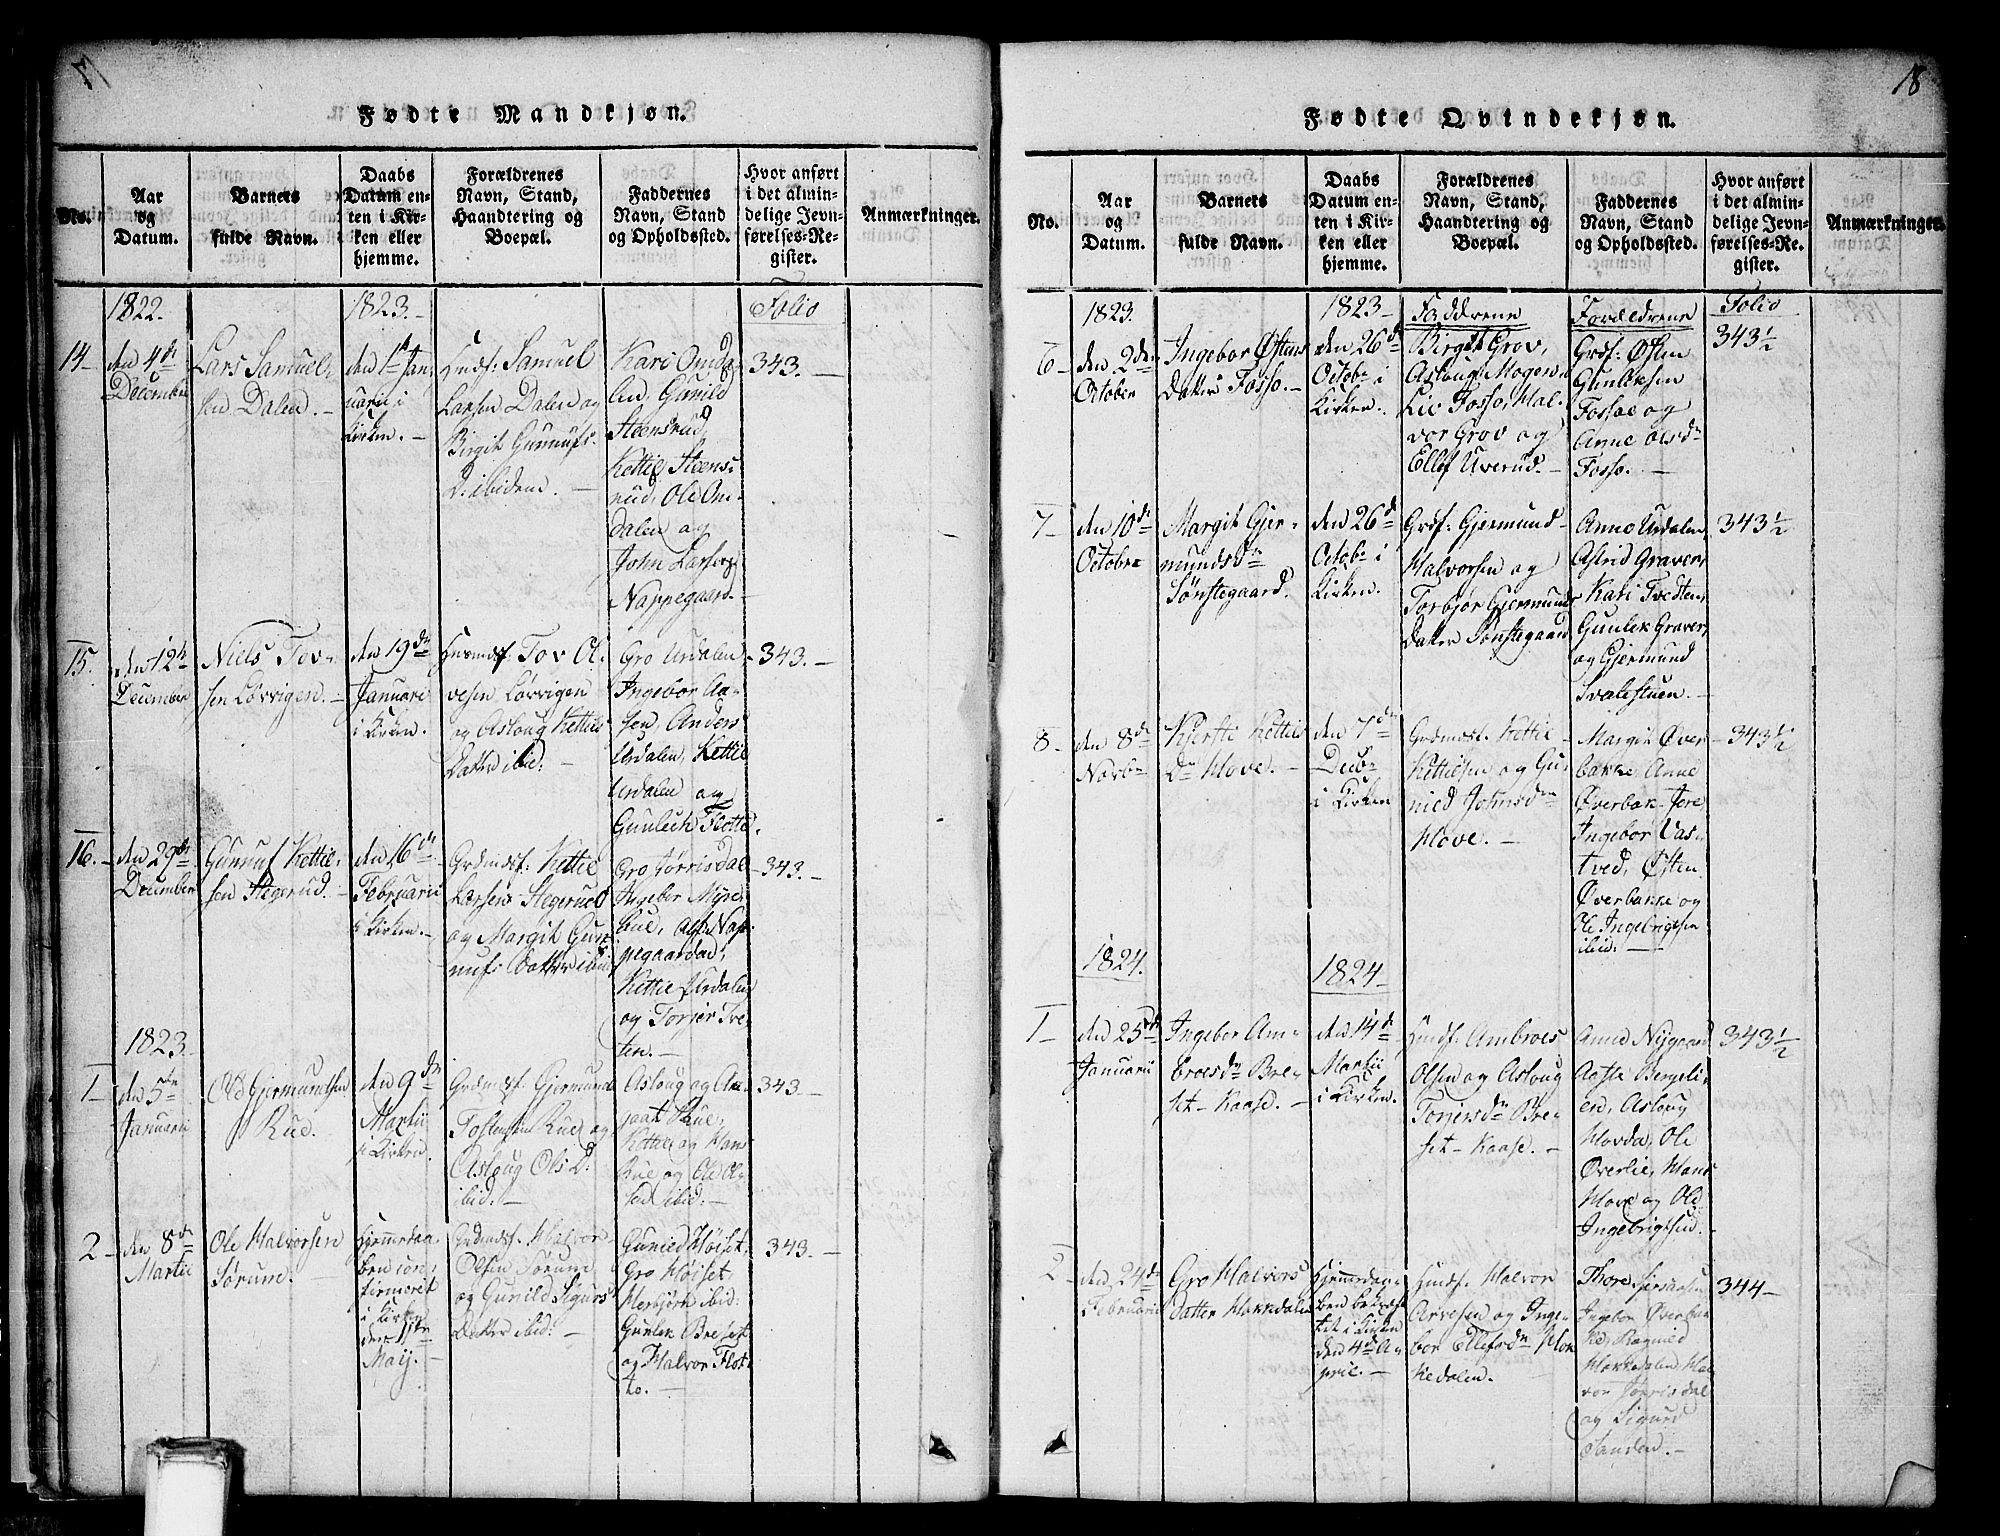 SAKO, Gransherad kirkebøker, G/Gb/L0001: Klokkerbok nr. II 1, 1815-1860, s. 18